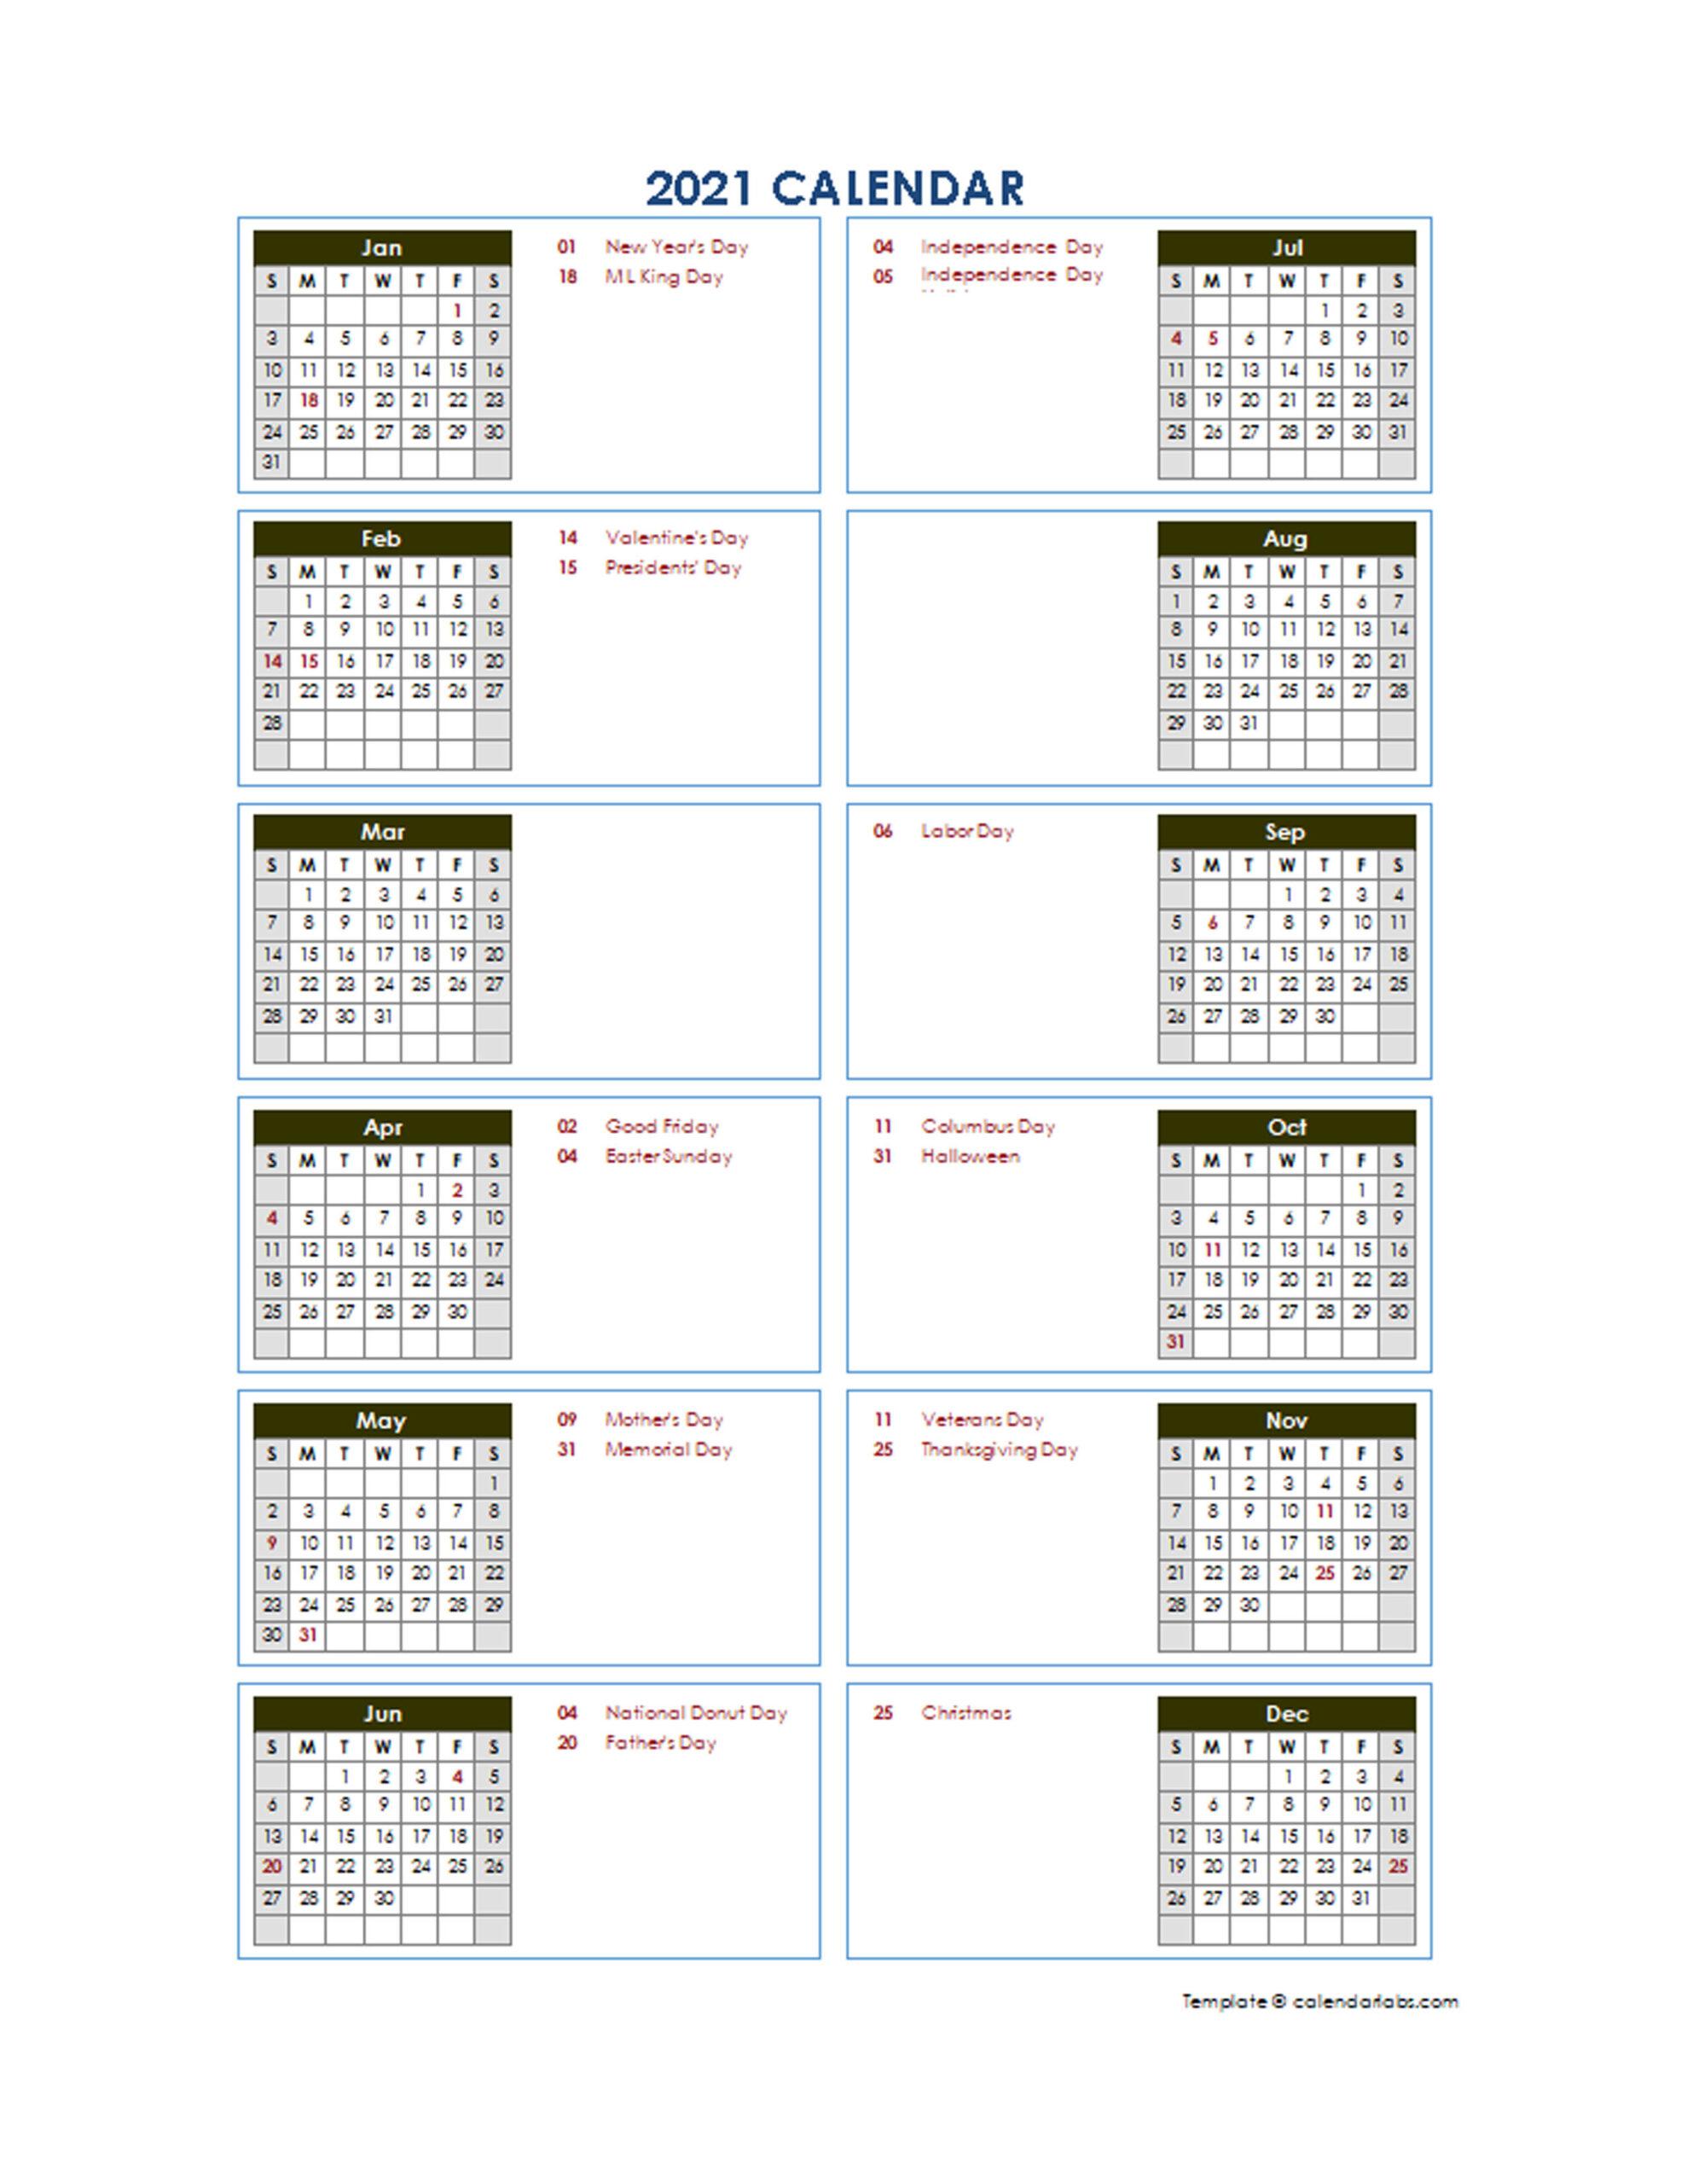 2021 Yearly Calendar Template Vertical Design - Free  2021 Fiscal Year Julian Calendar